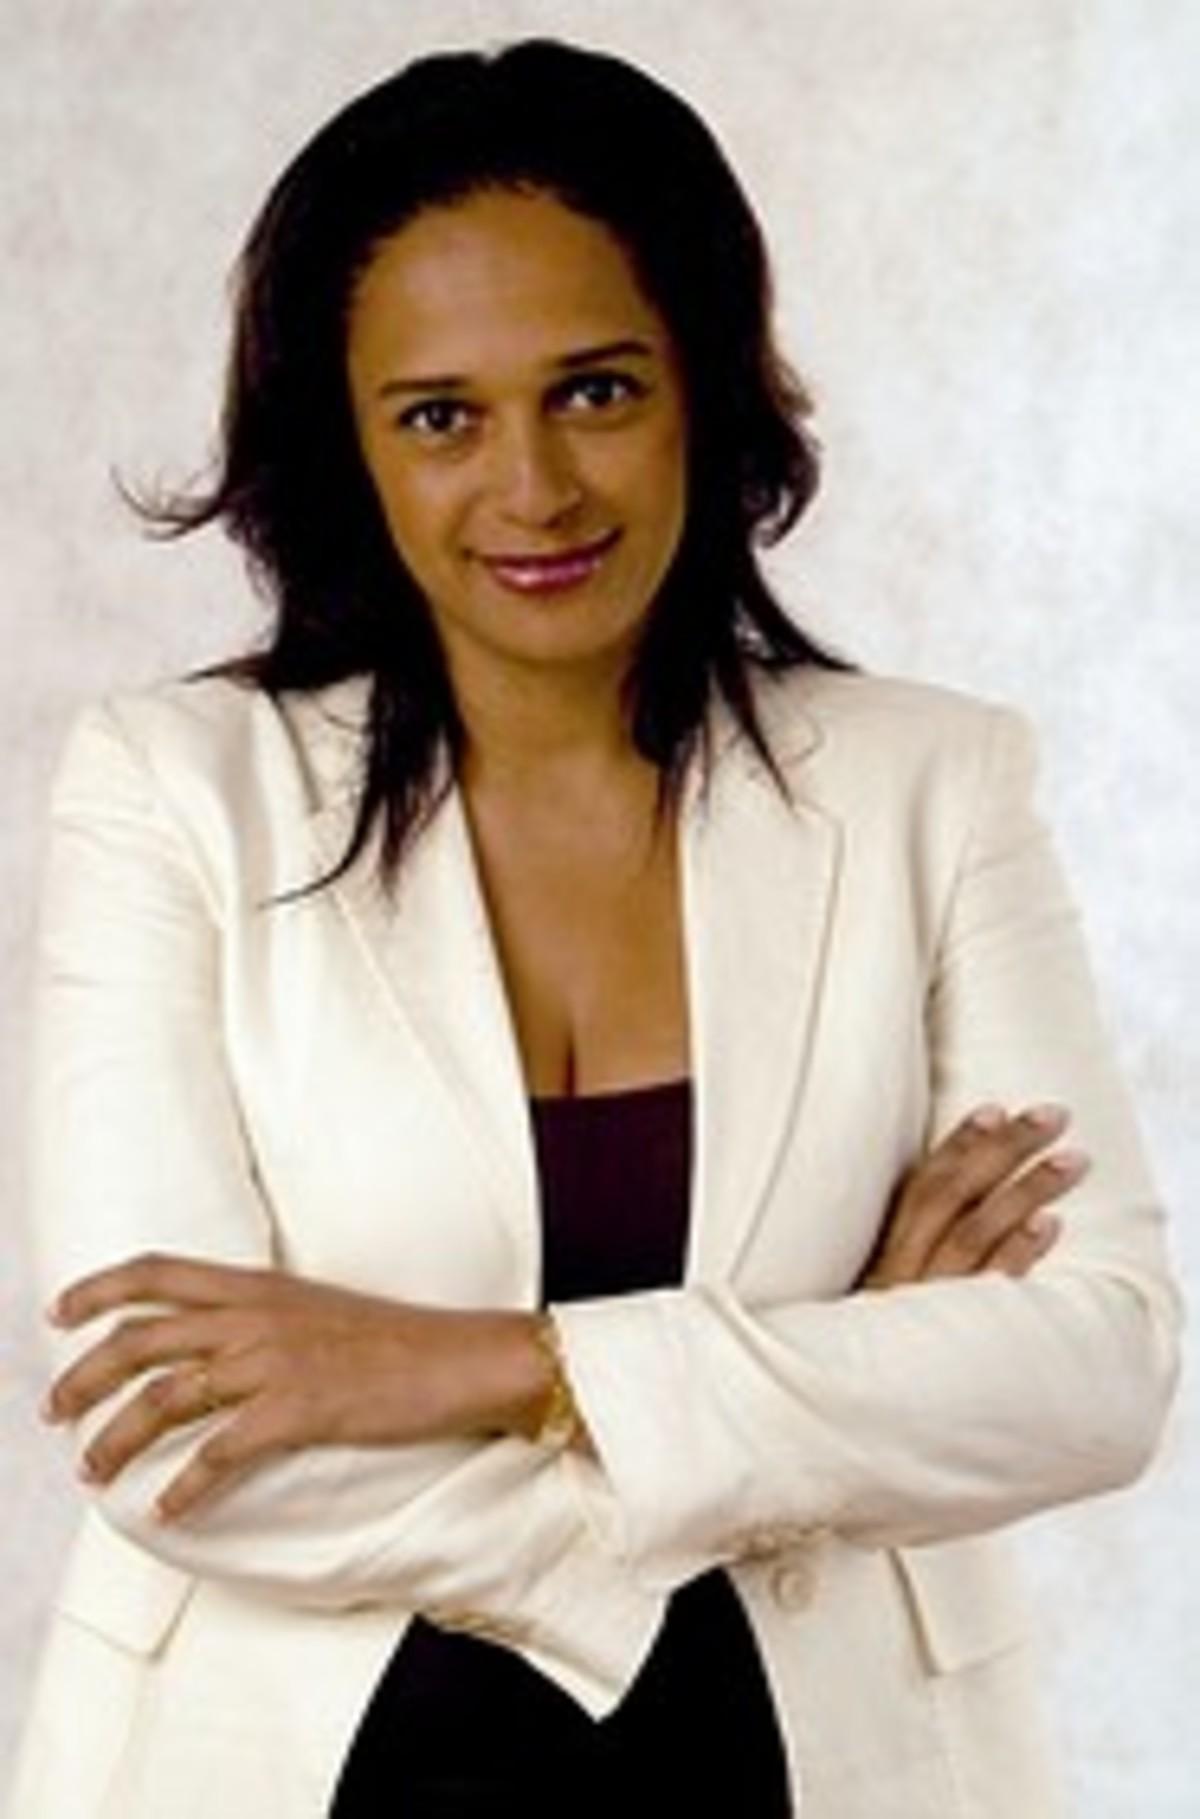 Η πρώτη γυναίκα δισεκατομμυριούχος της Αφρικής | Newsit.gr